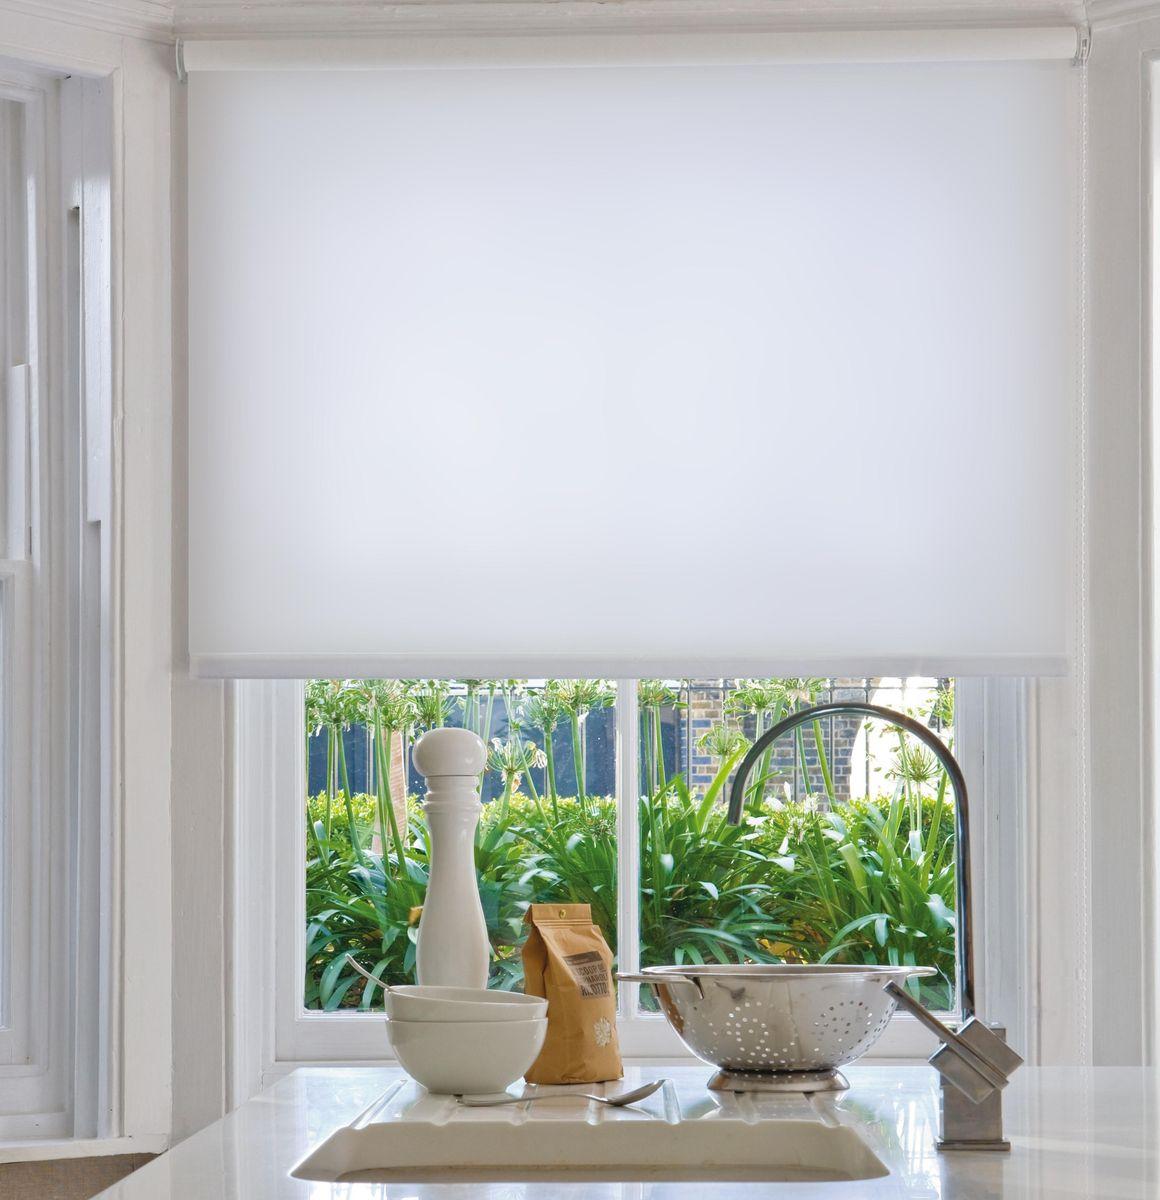 Штора рулонная Эскар, цвет: белый, ширина 172 см, высота 170 см8008172170Рулонными шторами можно оформлять окна как самостоятельно, так и использовать в комбинации с портьерами. Это поможет предотвратить выгорание дорогой ткани на солнце и соединит функционал рулонных с красотой навесных. Преимущества применения рулонных штор для пластиковых окон: - имеют прекрасный внешний вид: многообразие и фактурность материала изделия отлично смотрятся в любом интерьере; - многофункциональны: есть возможность подобрать шторы способные эффективно защитить комнату от солнца, при этом она не будет слишком темной. - Есть возможность осуществить быстрый монтаж. ВНИМАНИЕ! Размеры ширины изделия указаны по ширине ткани! Во время эксплуатации не рекомендуется полностью разматывать рулон, чтобы не оторвать ткань от намоточного вала. В случае загрязнения поверхности ткани, чистку шторы проводят одним из способов, в зависимости от типа загрязнения: легкое поверхностное загрязнение можно удалить при помощи канцелярского ластика; чистка от пыли производится сухим методом при...